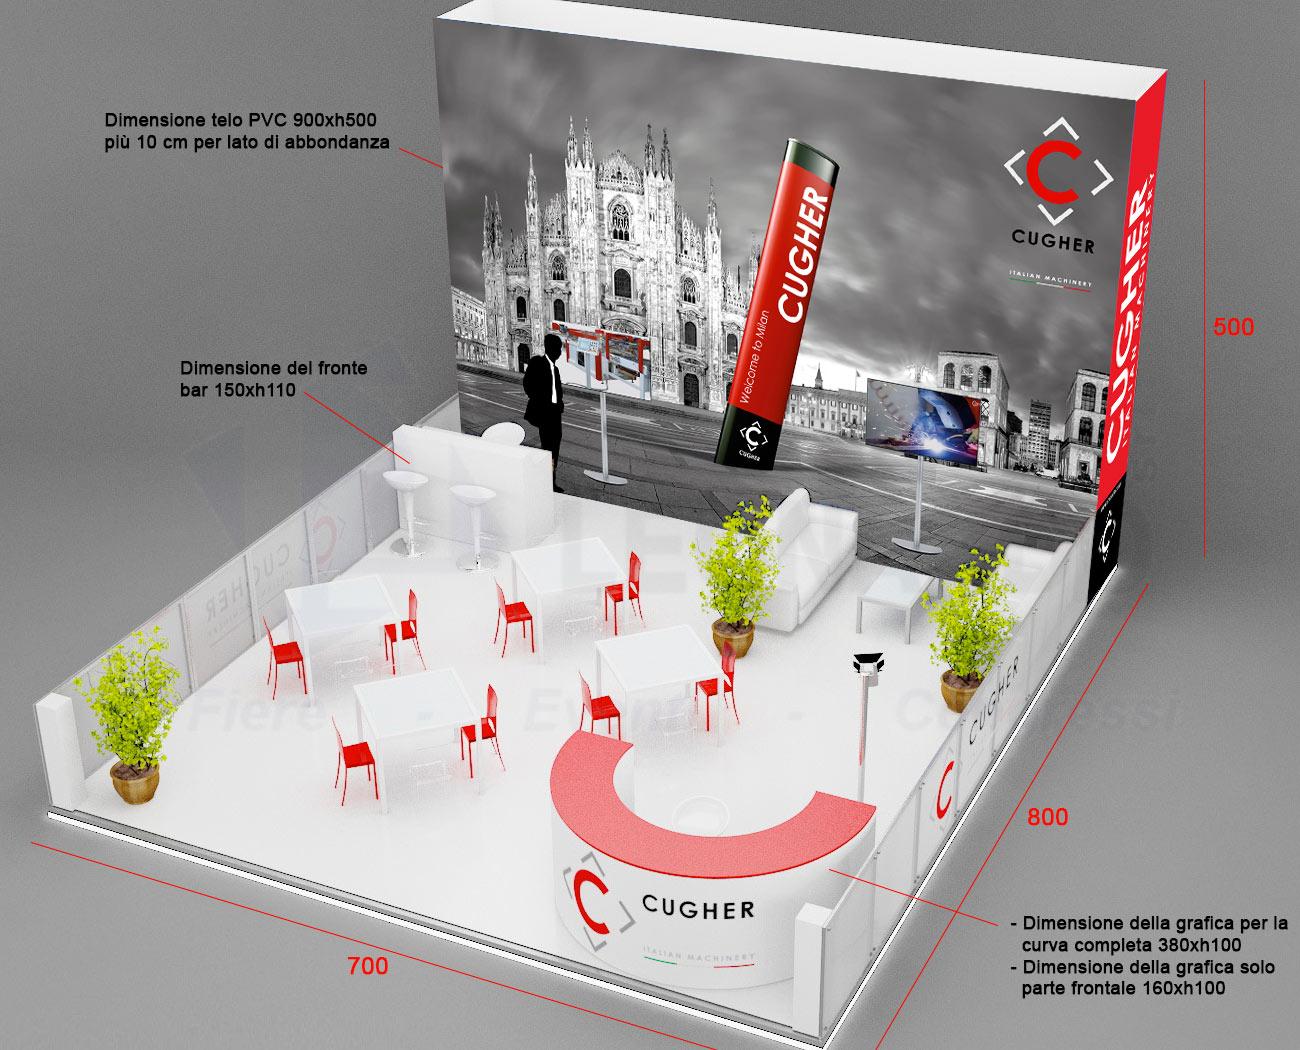 Idee E Soluzioni Progetto Grafico Stand CUGHER Per Fiera Vitrum 2015 Layout 3D